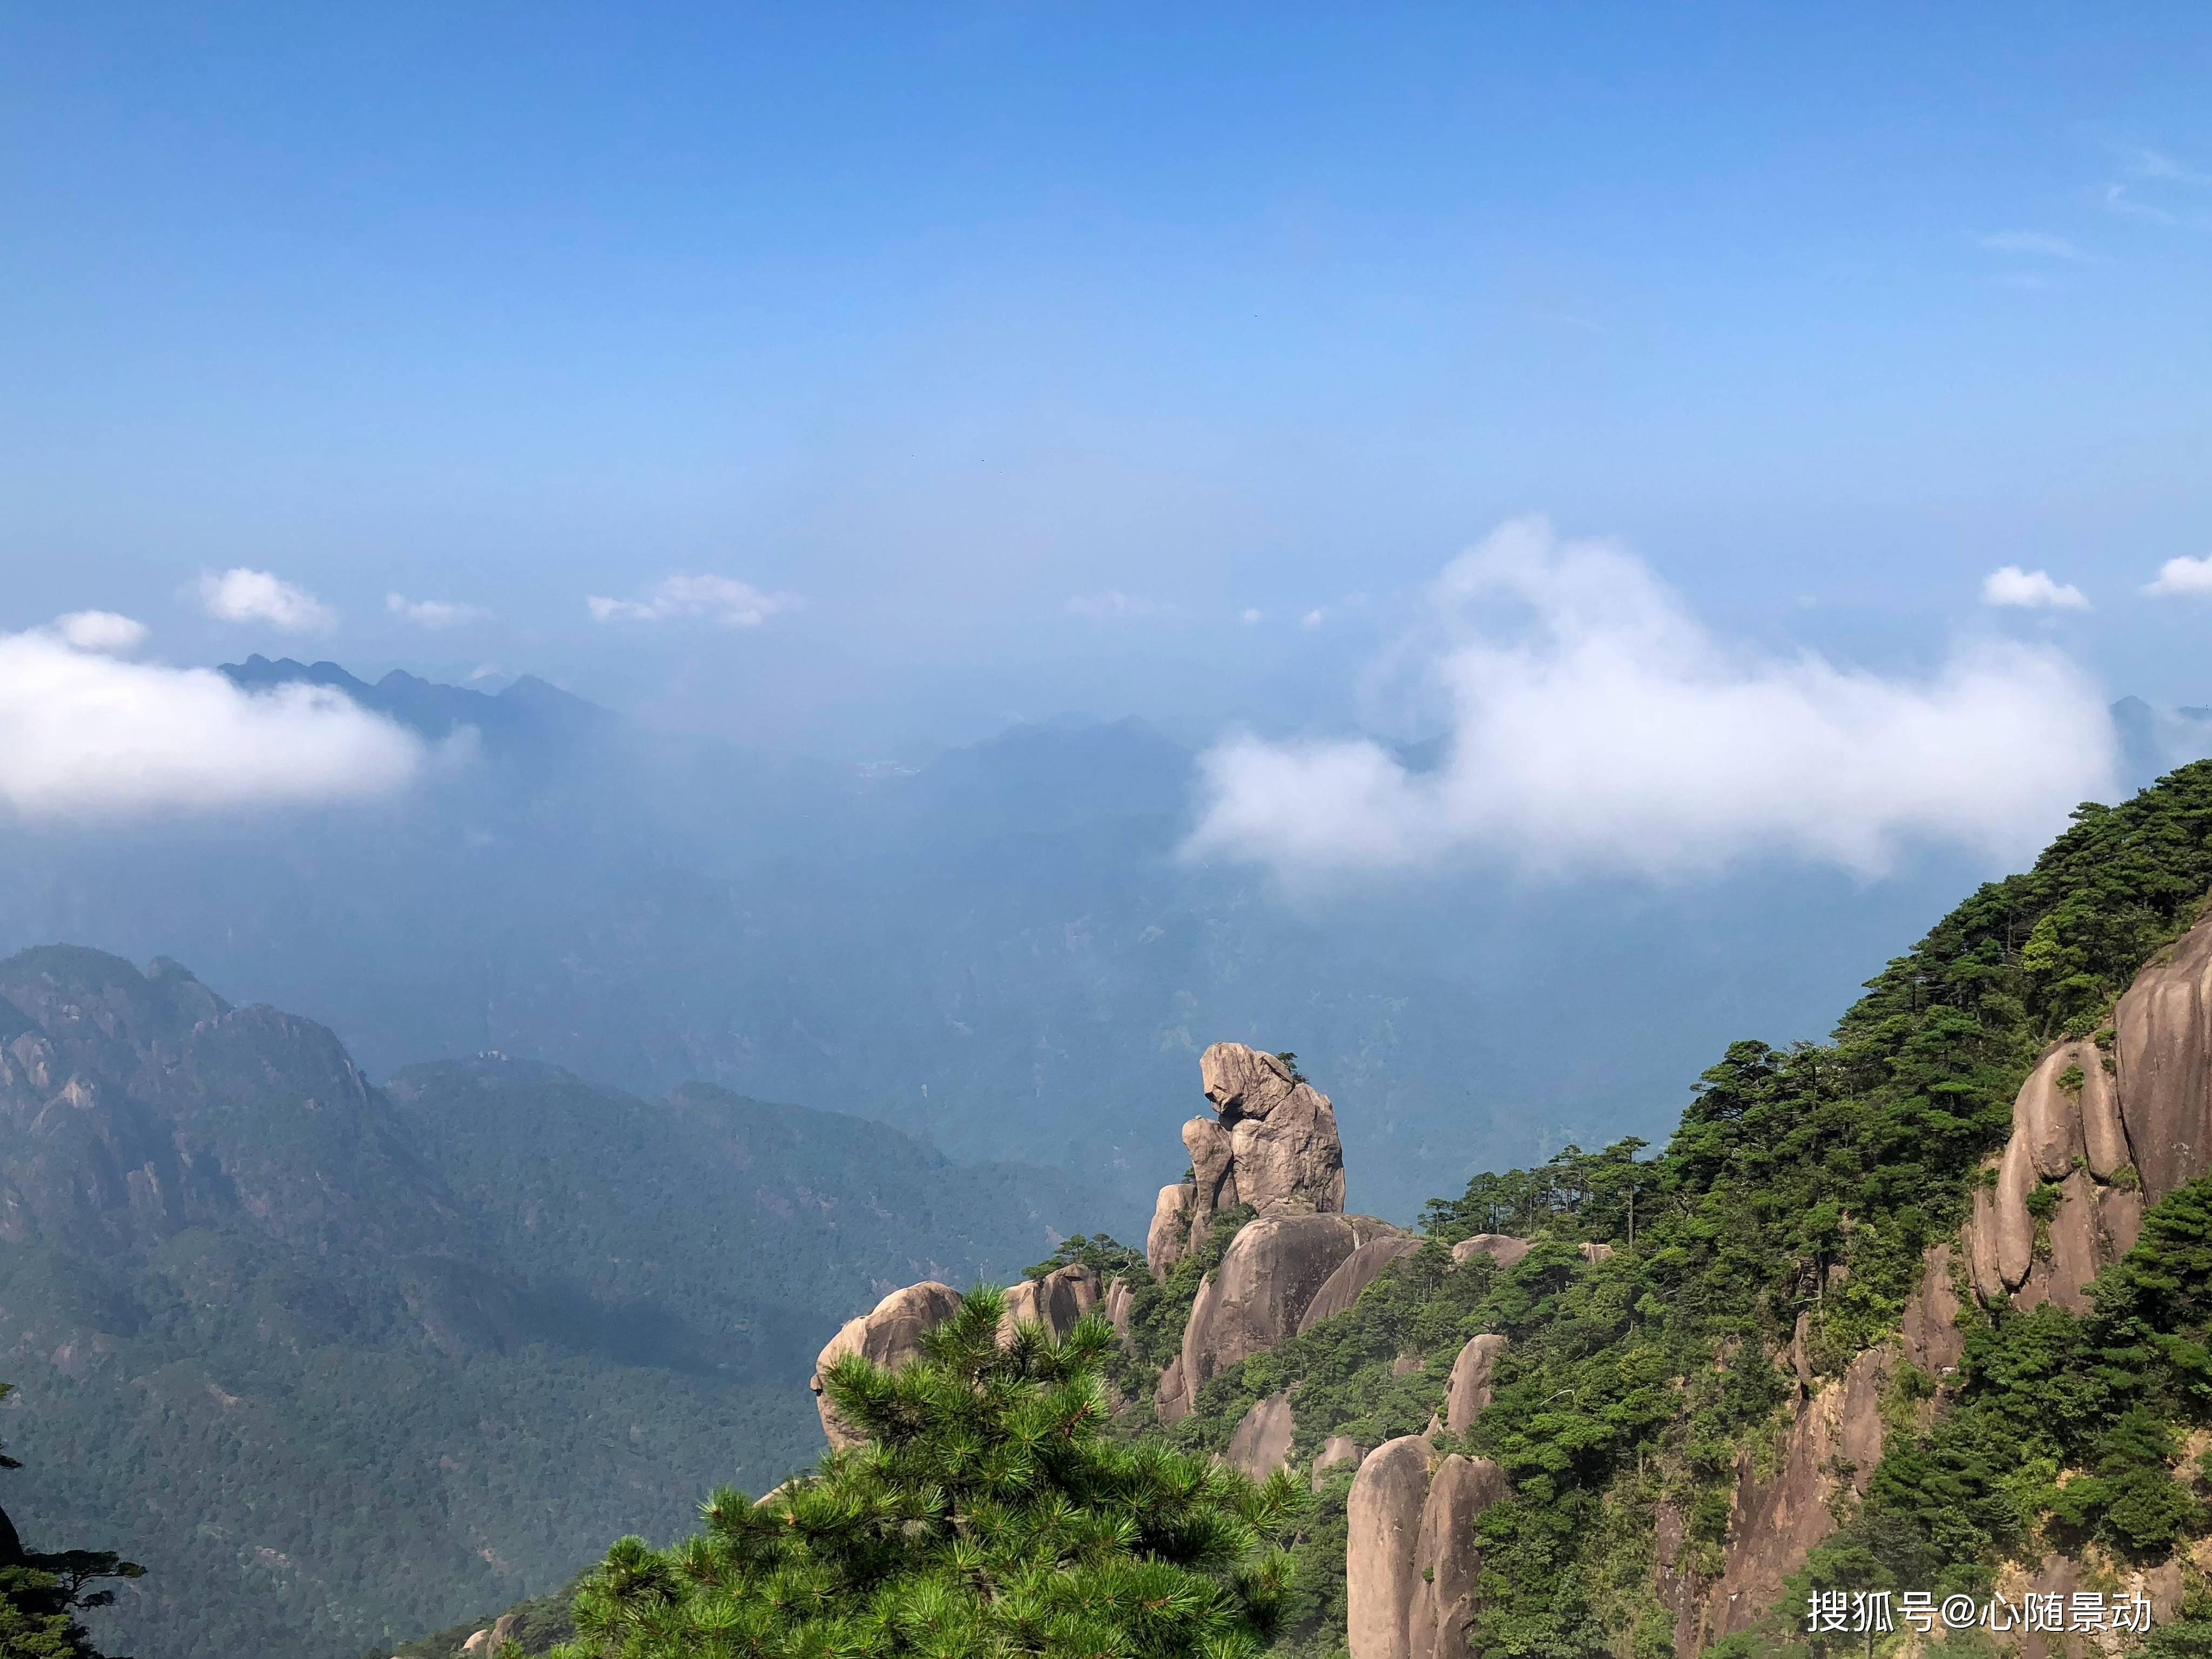 江西旅游不可错过的两座名山:一座闻名世界,